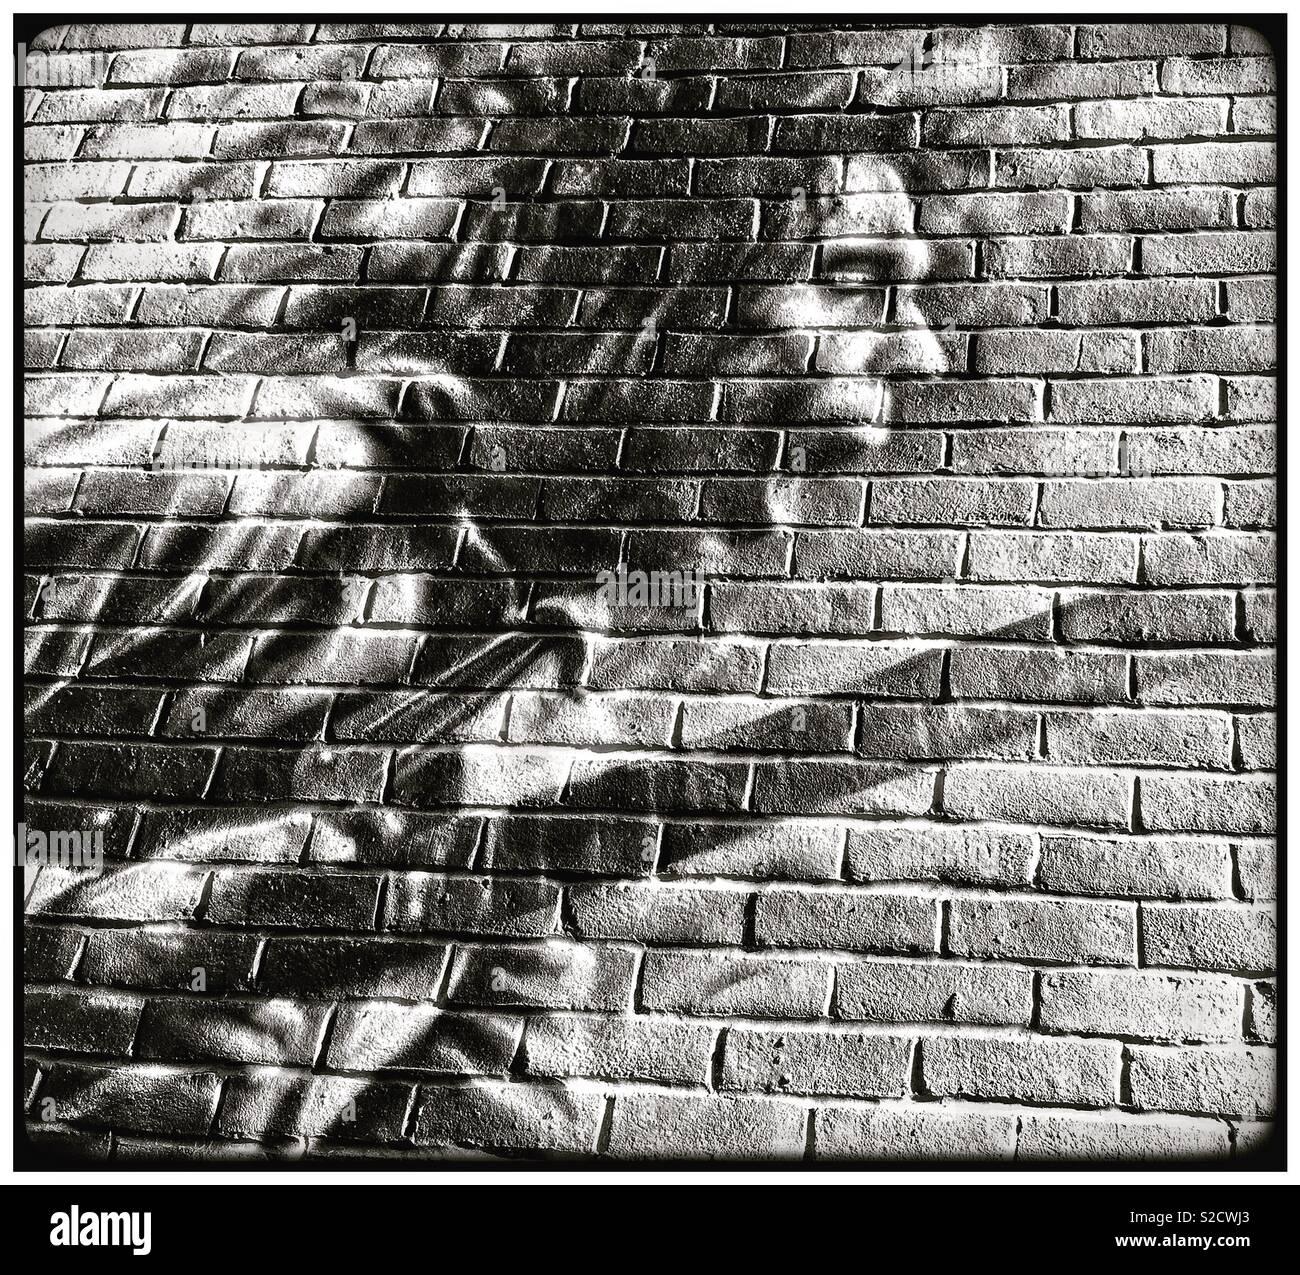 Arte de pared en Brockley, al sur de Londres. Imagen De Stock